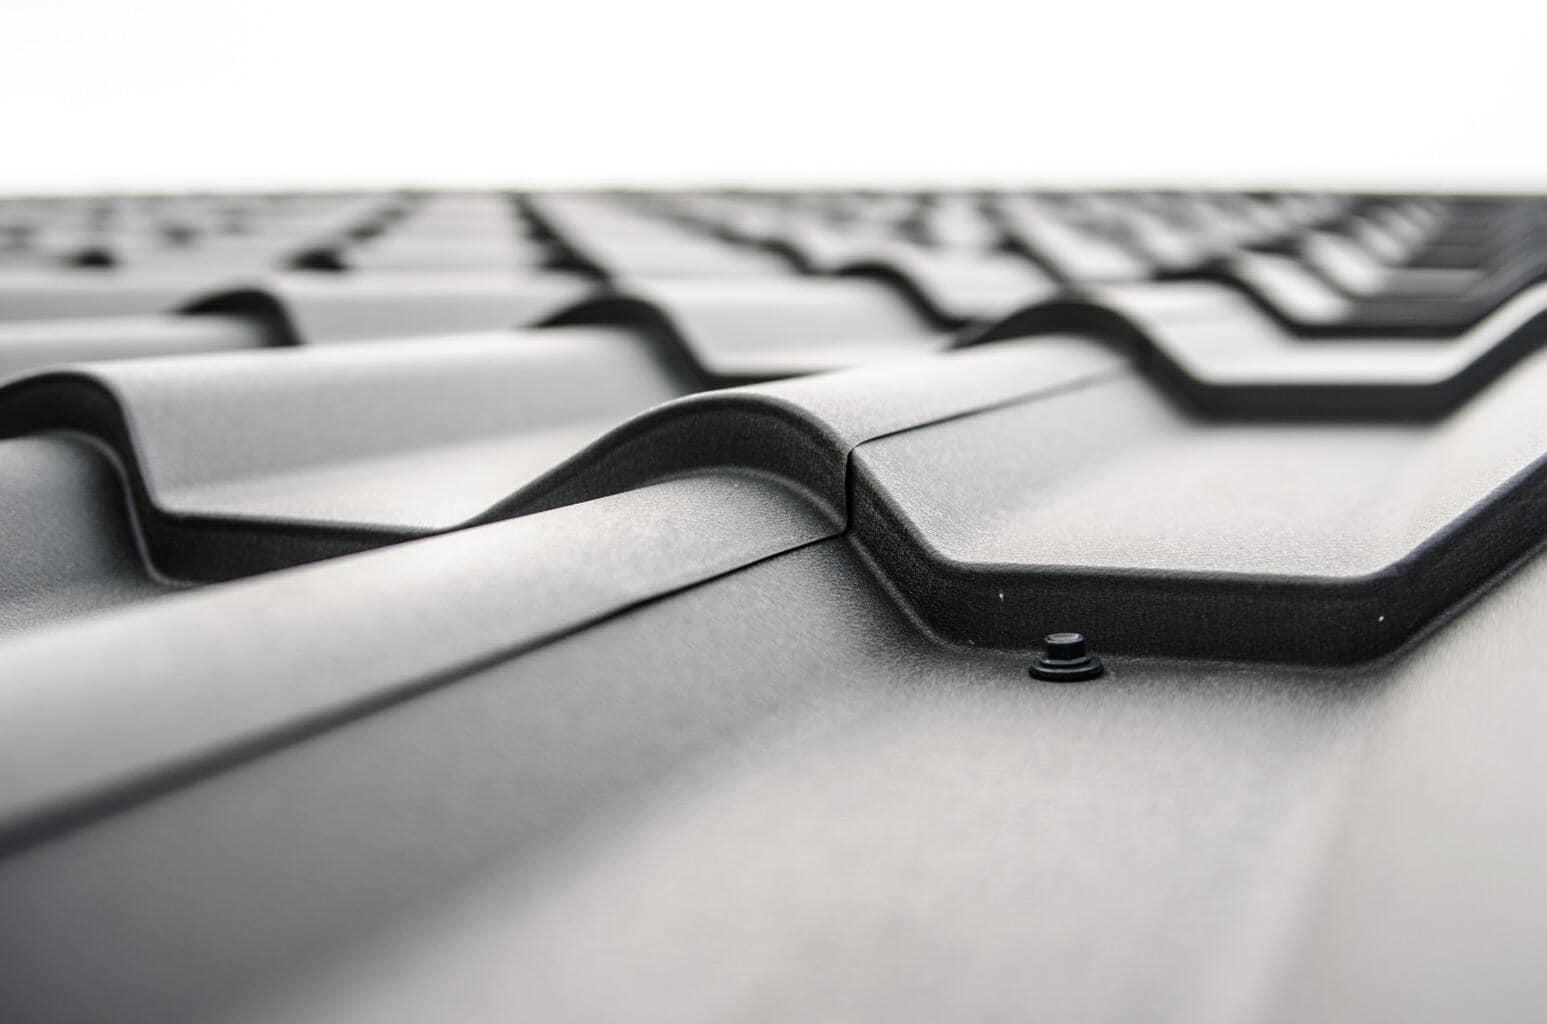 Сталь для профнастила: характеристики и виды полимерных материалов для покрытия